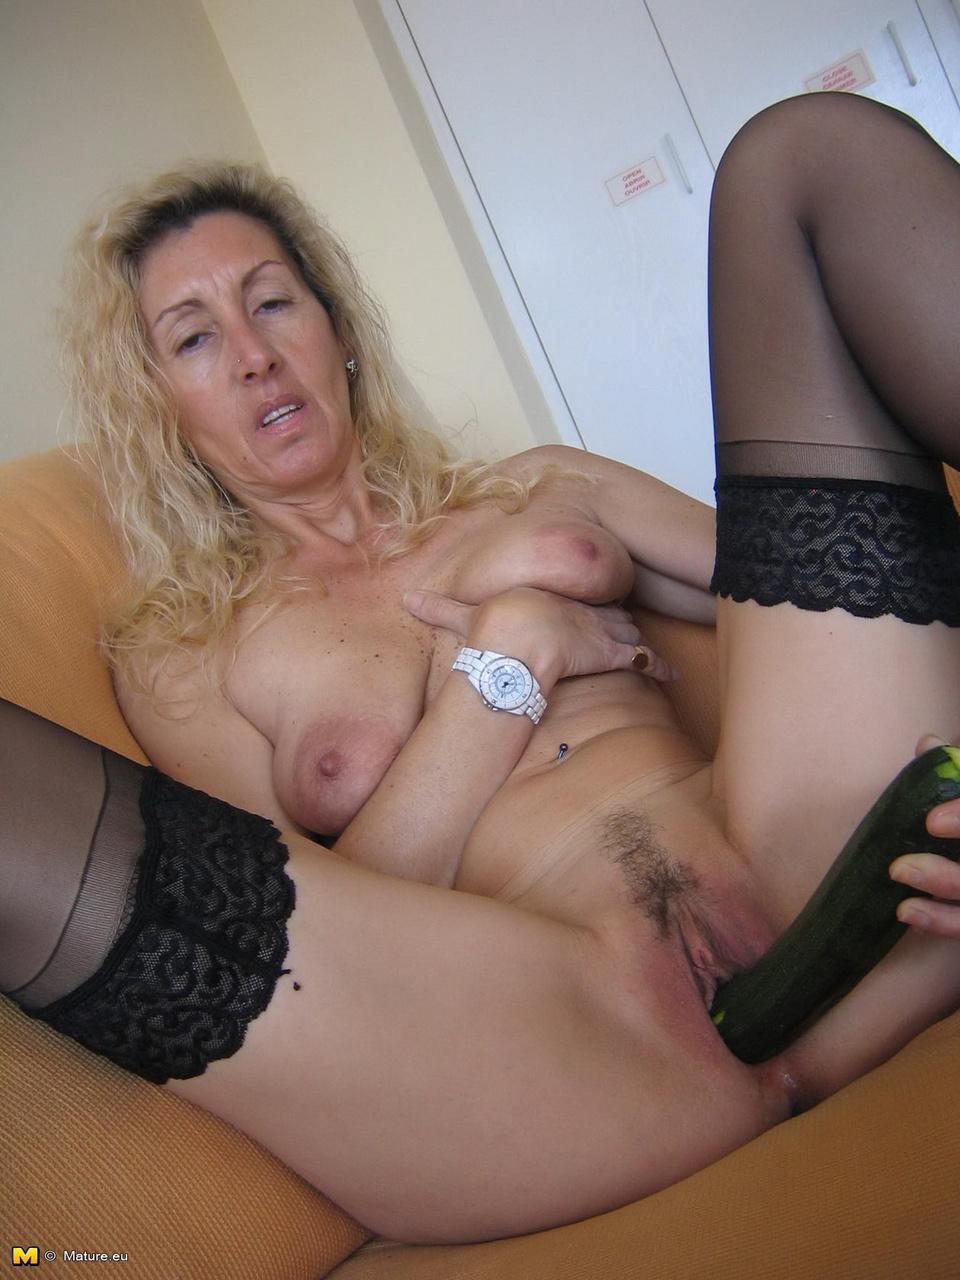 Порно Фото Зрелых Онлайн Бесплатно Без Регистрации